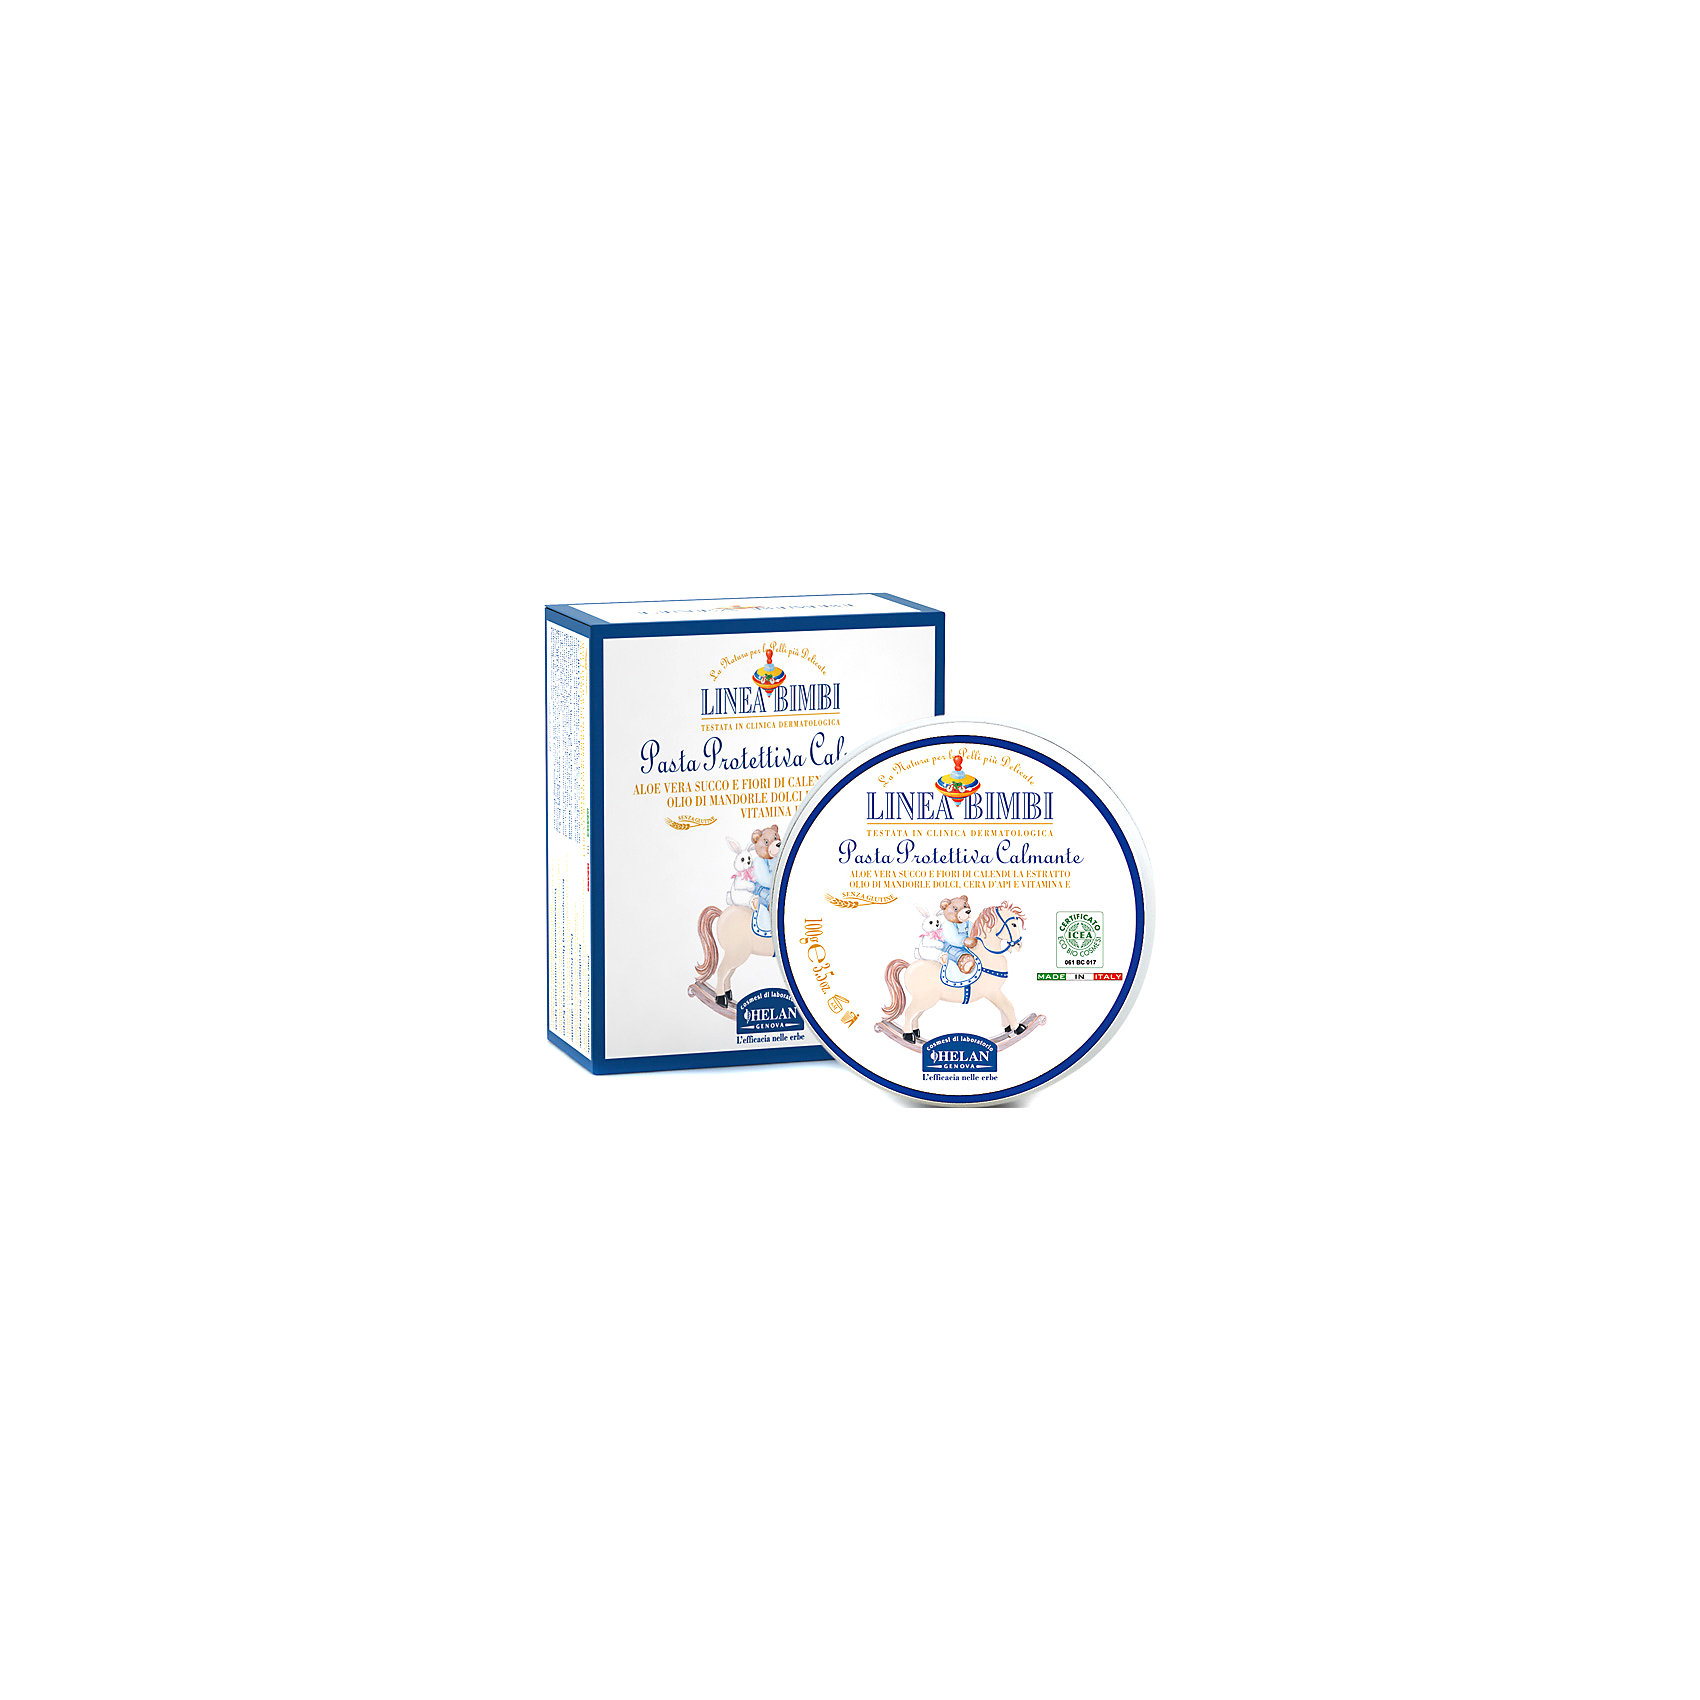 Крем увлажняющий и защищающий для зоны пеленания Linea Bimbi, 100 мл., HELANСредства защиты от солнца и насекомых<br>Крем увлажняющий и защищающий для зоны пеленания Linea Bimbi, 100 мл., HELAN (Хелан)<br><br>Характеристики:<br><br>• защищает от раздражения при использовании подгузников<br>• смягчает и питает кожу<br>• поддерживает естественный баланс кожи<br>• защищает от негативных внешних воздействий<br>• подходит для чувствительной кожи<br>• активные компоненты: экстракт календулы, сок алоэ-вера, масло сладкого миндаля, пчелиный воск, витамин Е<br>• объем: 100 мл<br>• размер упаковки: 10х10х5 см<br>• вес: 204 грамма<br><br>При использовании подгузников у малышей нередко возникает раздражение на коже. Защитный крем Linea Bimbi поможет вам защитить кожу малыша. Он бережно смягчает и питает кожу ребёнка, защищая её от внешнего воздействия. Активные компоненты на растительной основе обеспечивают нормальный уровень увлажнения. Крем подходит для детей с рождения, а также для сверхчувствительной кожи.<br><br>Крем увлажняющий и защищающий для зоны пеленания Linea Bimbi, 100 мл., HELAN (Хелан) можно купить в нашем интернет-магазине.<br><br>Ширина мм: 50<br>Глубина мм: 100<br>Высота мм: 100<br>Вес г: 204<br>Возраст от месяцев: -2147483648<br>Возраст до месяцев: 2147483647<br>Пол: Унисекс<br>Возраст: Детский<br>SKU: 5401702